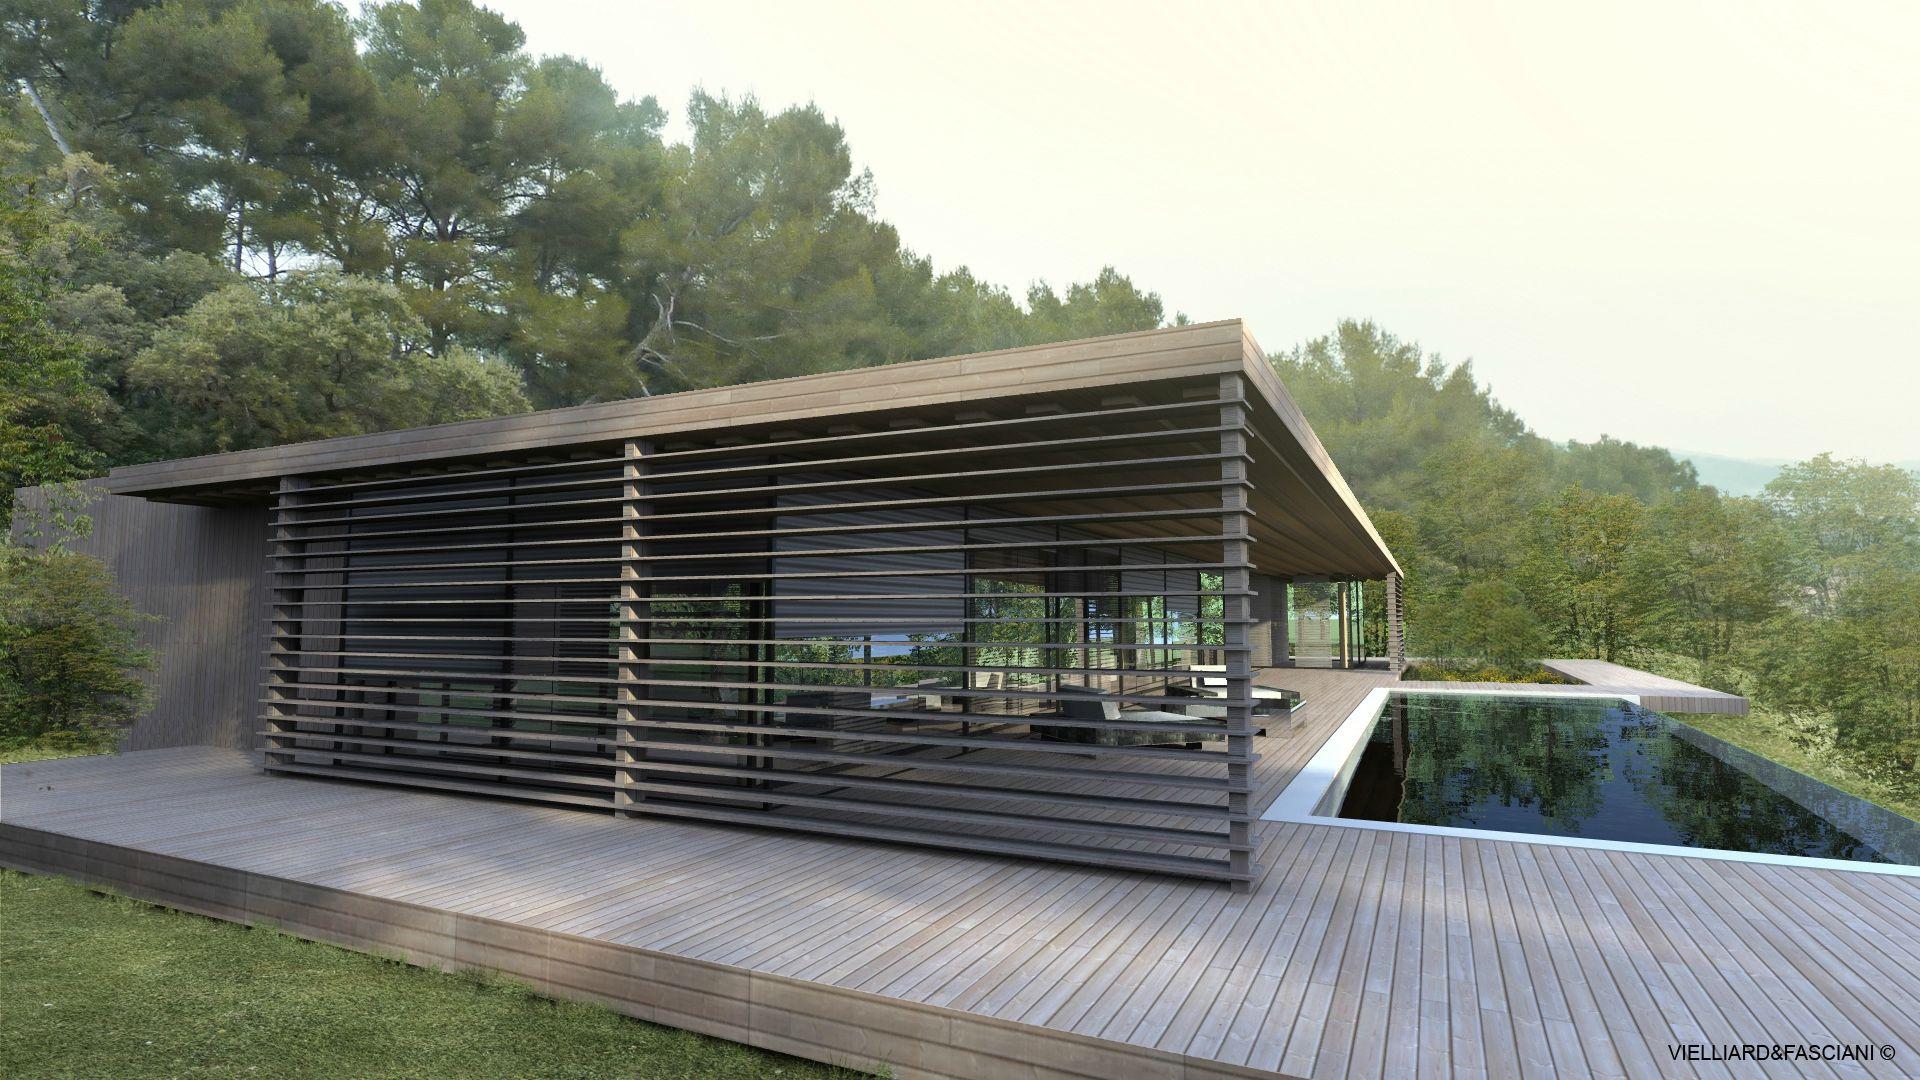 Vielliard Fasciani Maison Contemporaine Aix En Provence Smj 2  ~ Surelevation Bois Aix En Provence